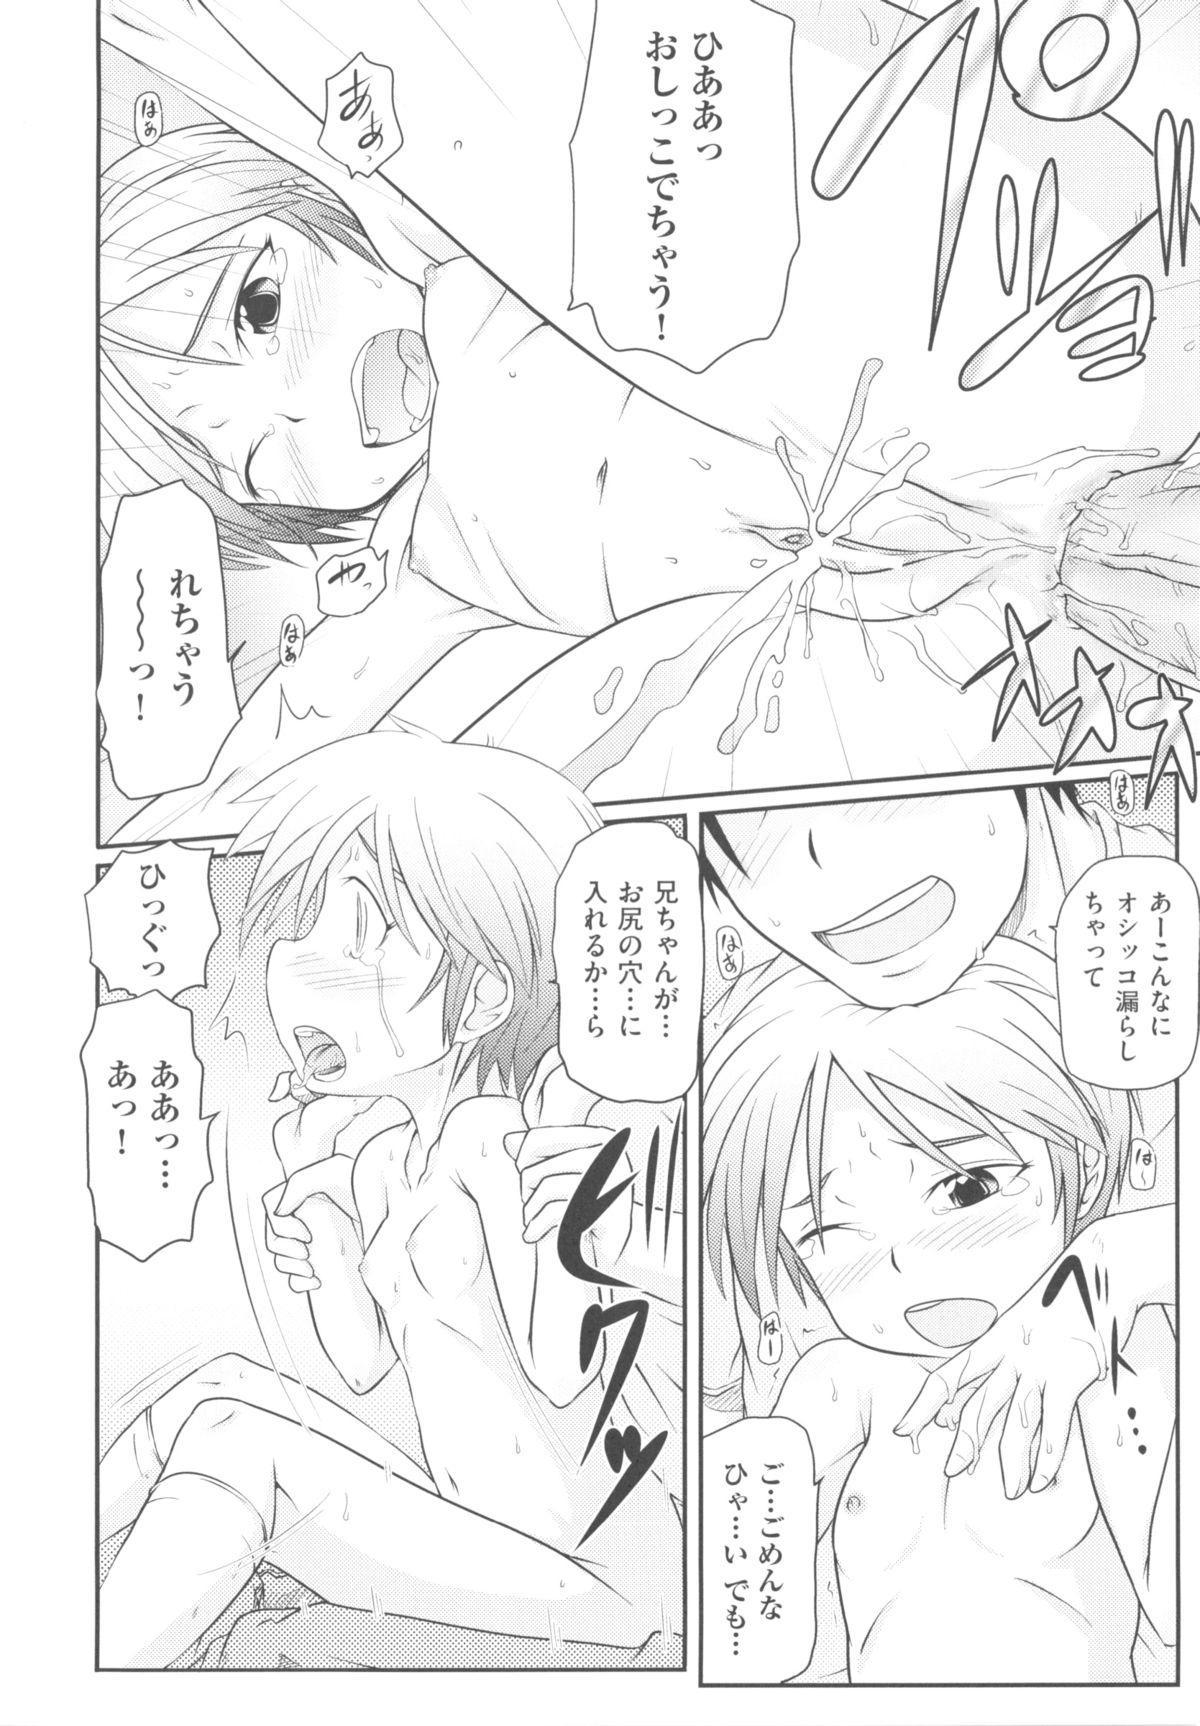 Comic Ino. 04 107